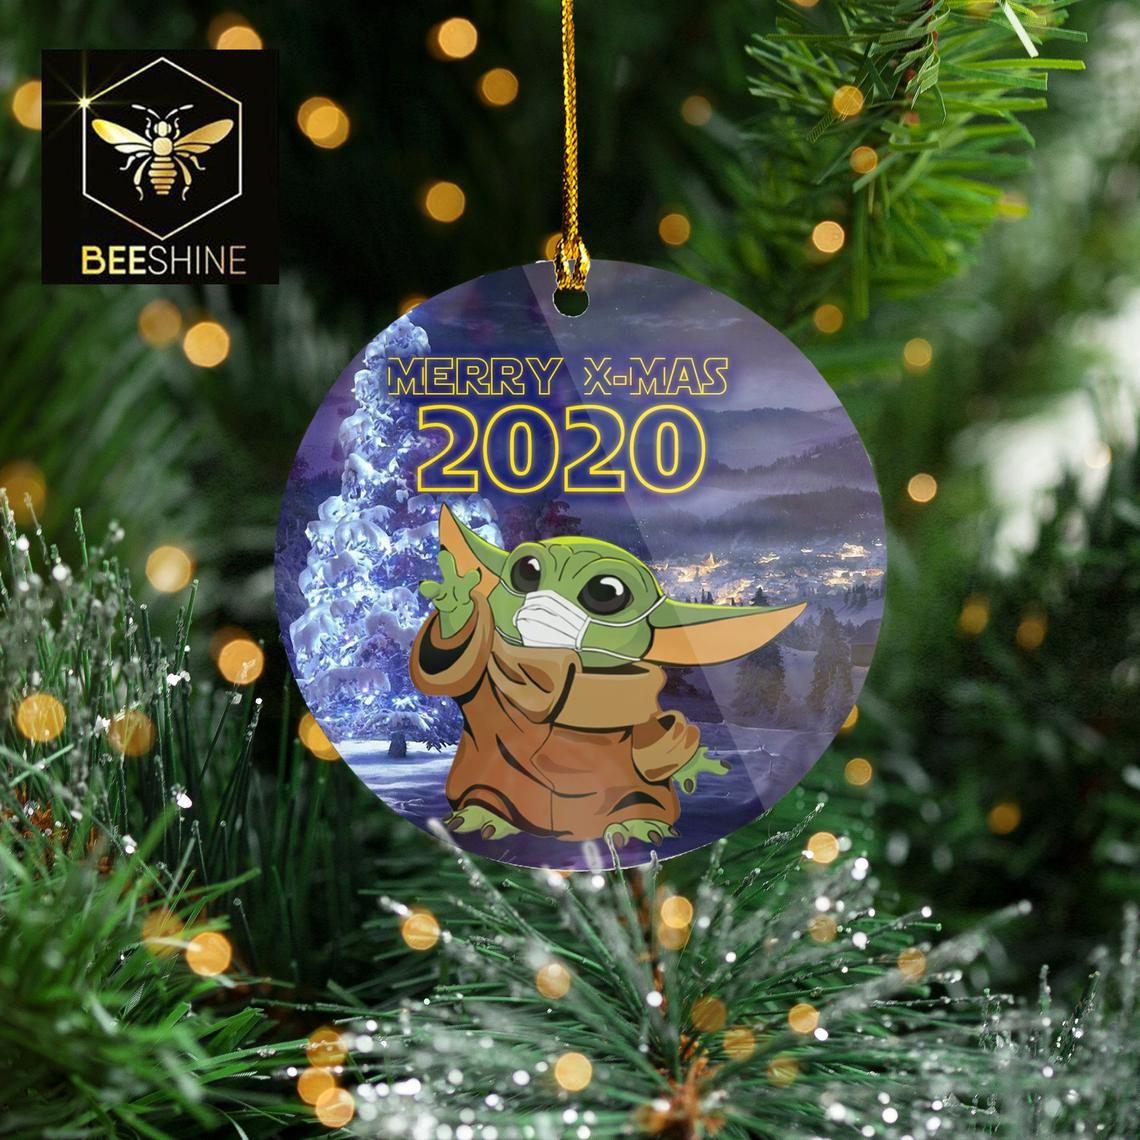 Florida Gators Yoda Tumbler Funny Xmas Gift 2020